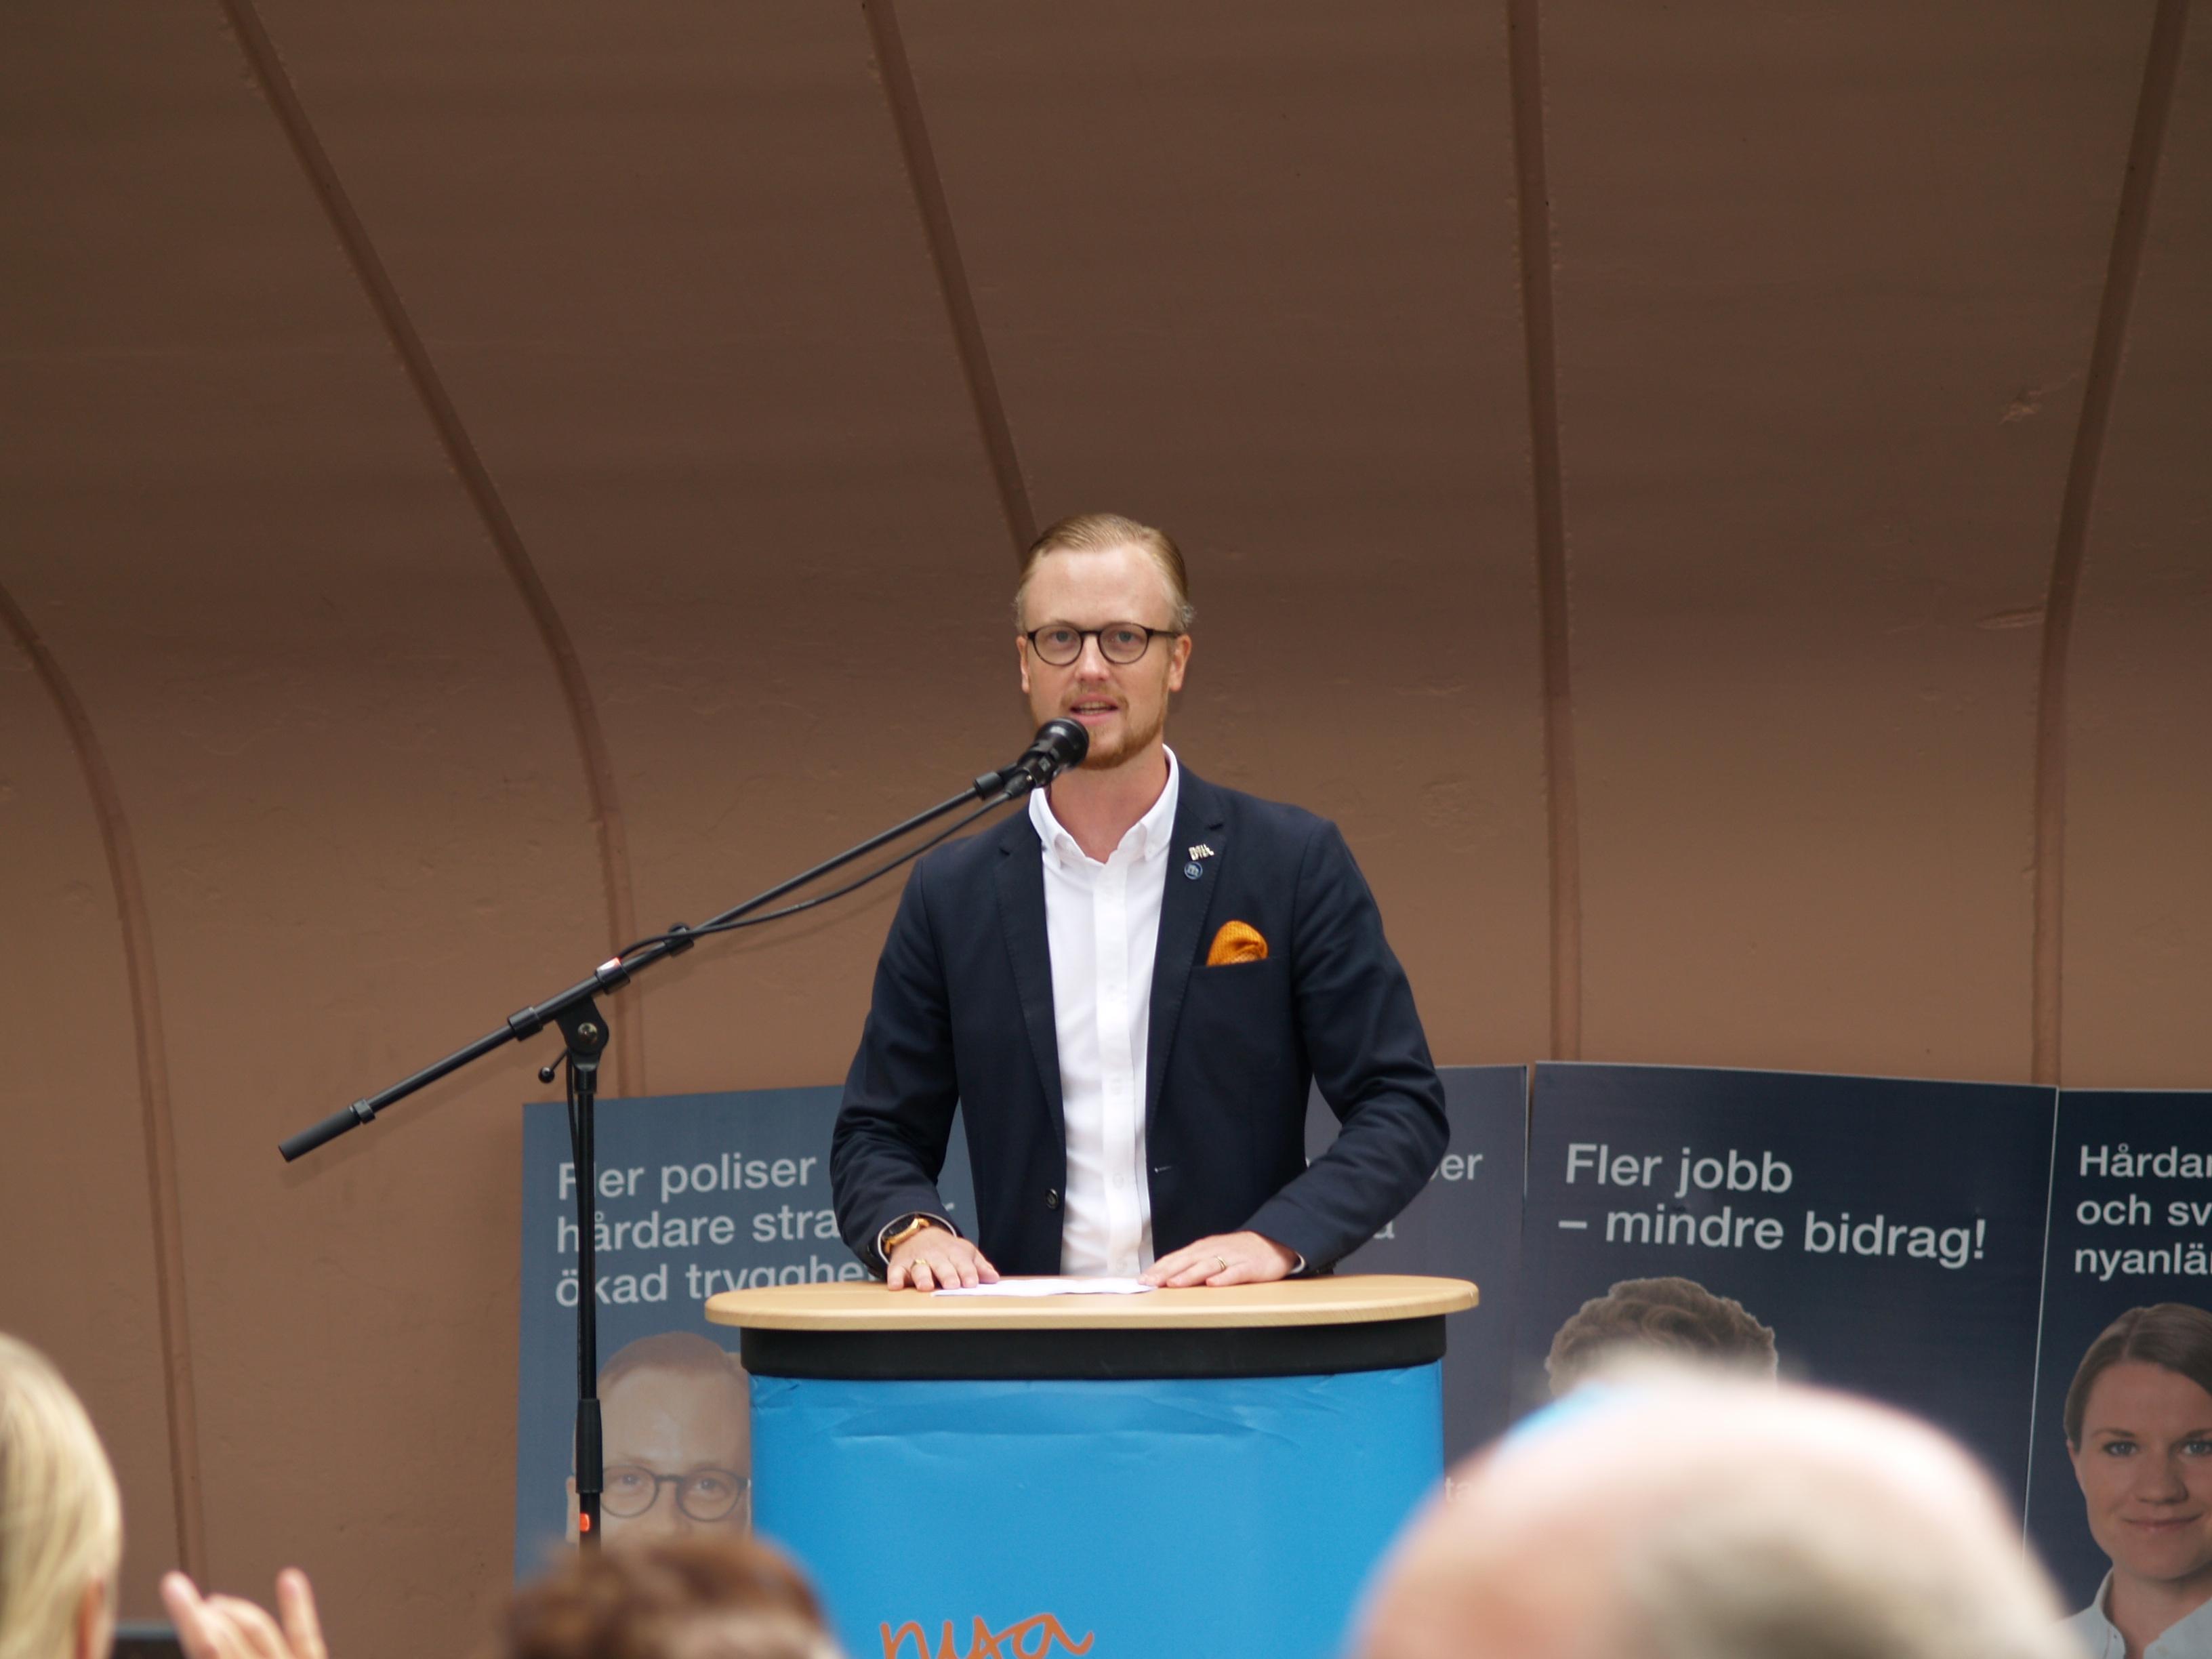 Ökat tillväxt och trygghet står i fokus för Moderaterna i Skellefteå